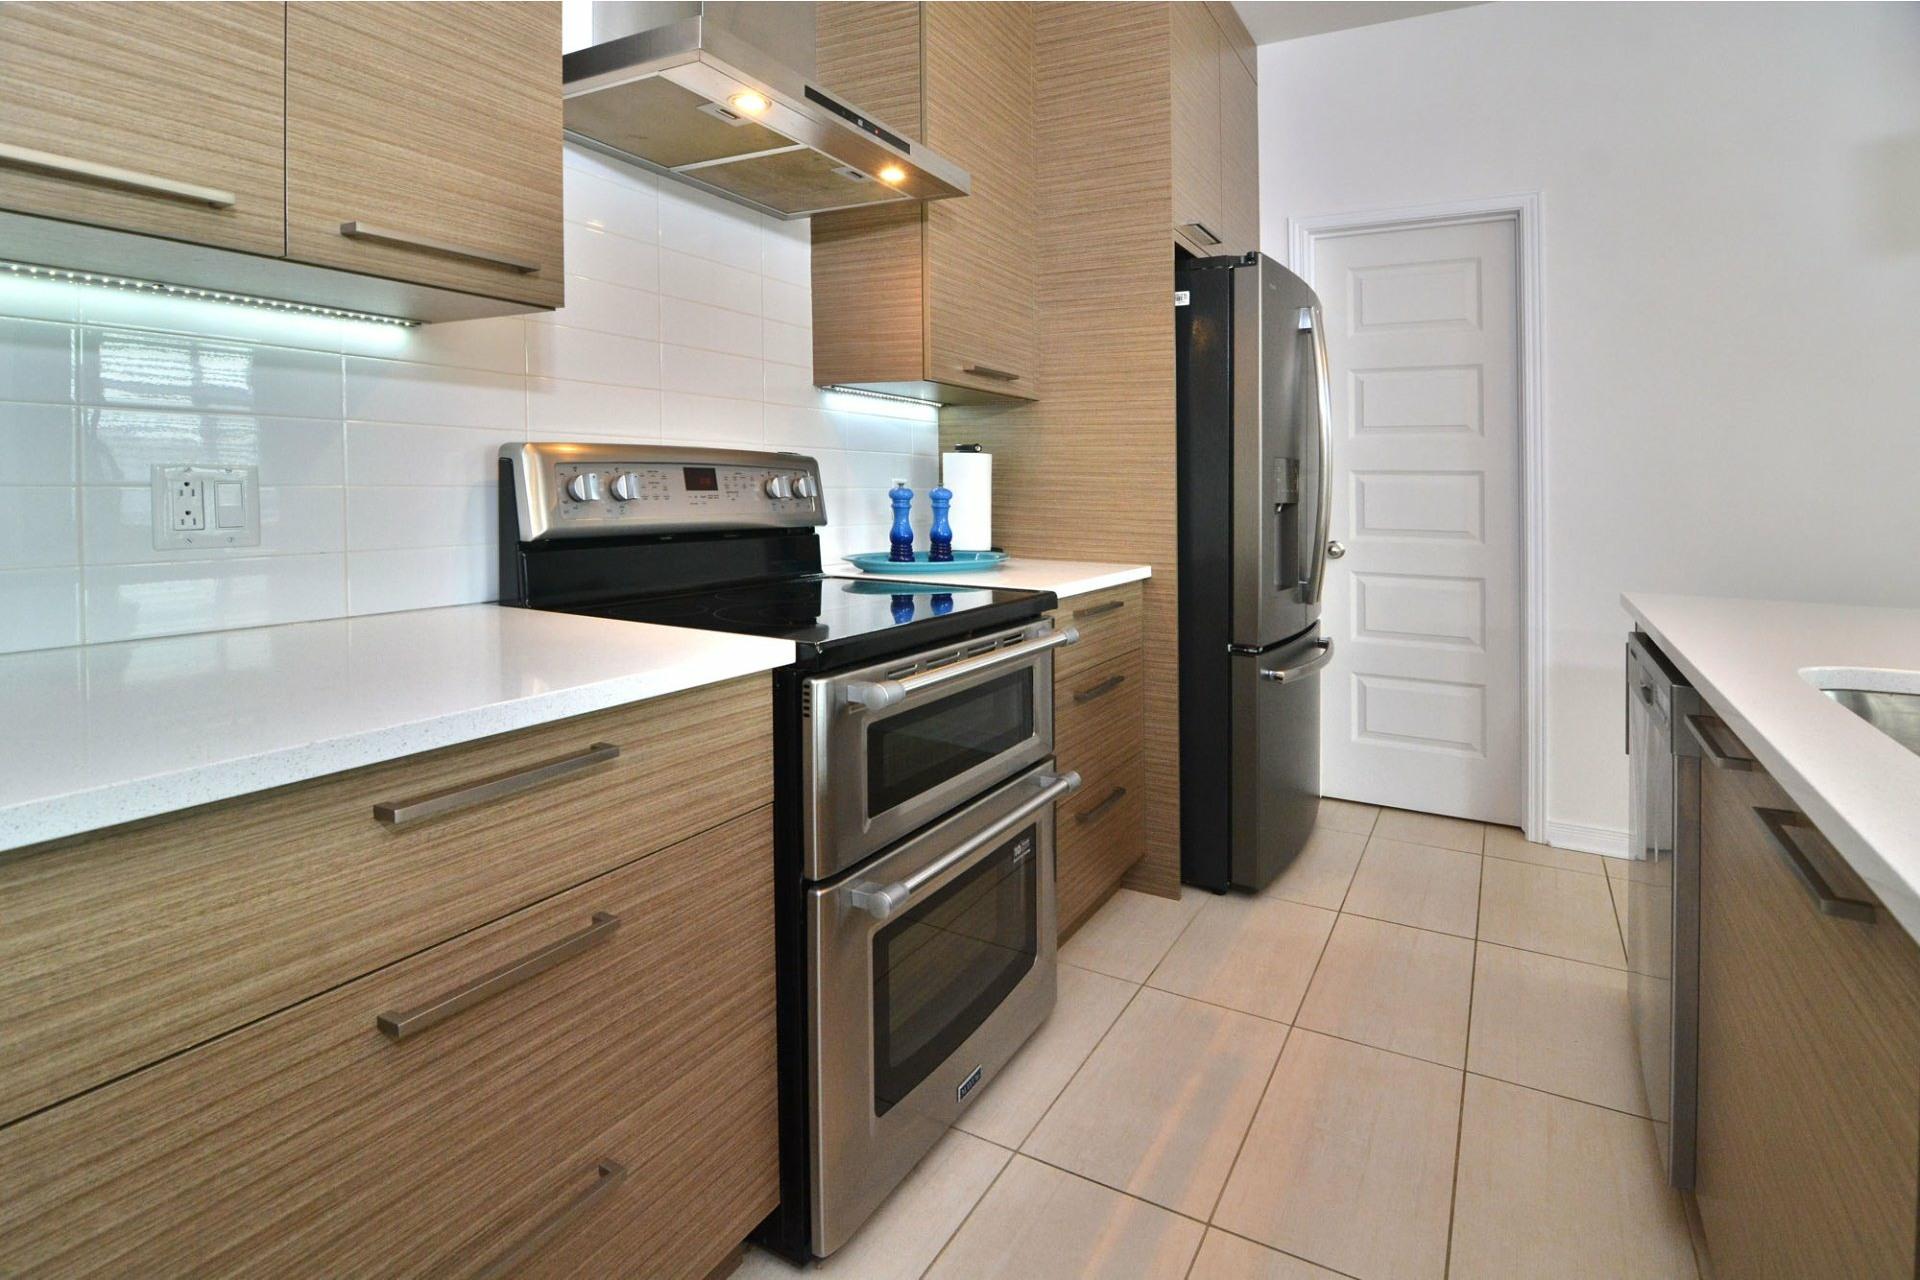 image 6 - Appartement À vendre Vaudreuil-Dorion - 8 pièces